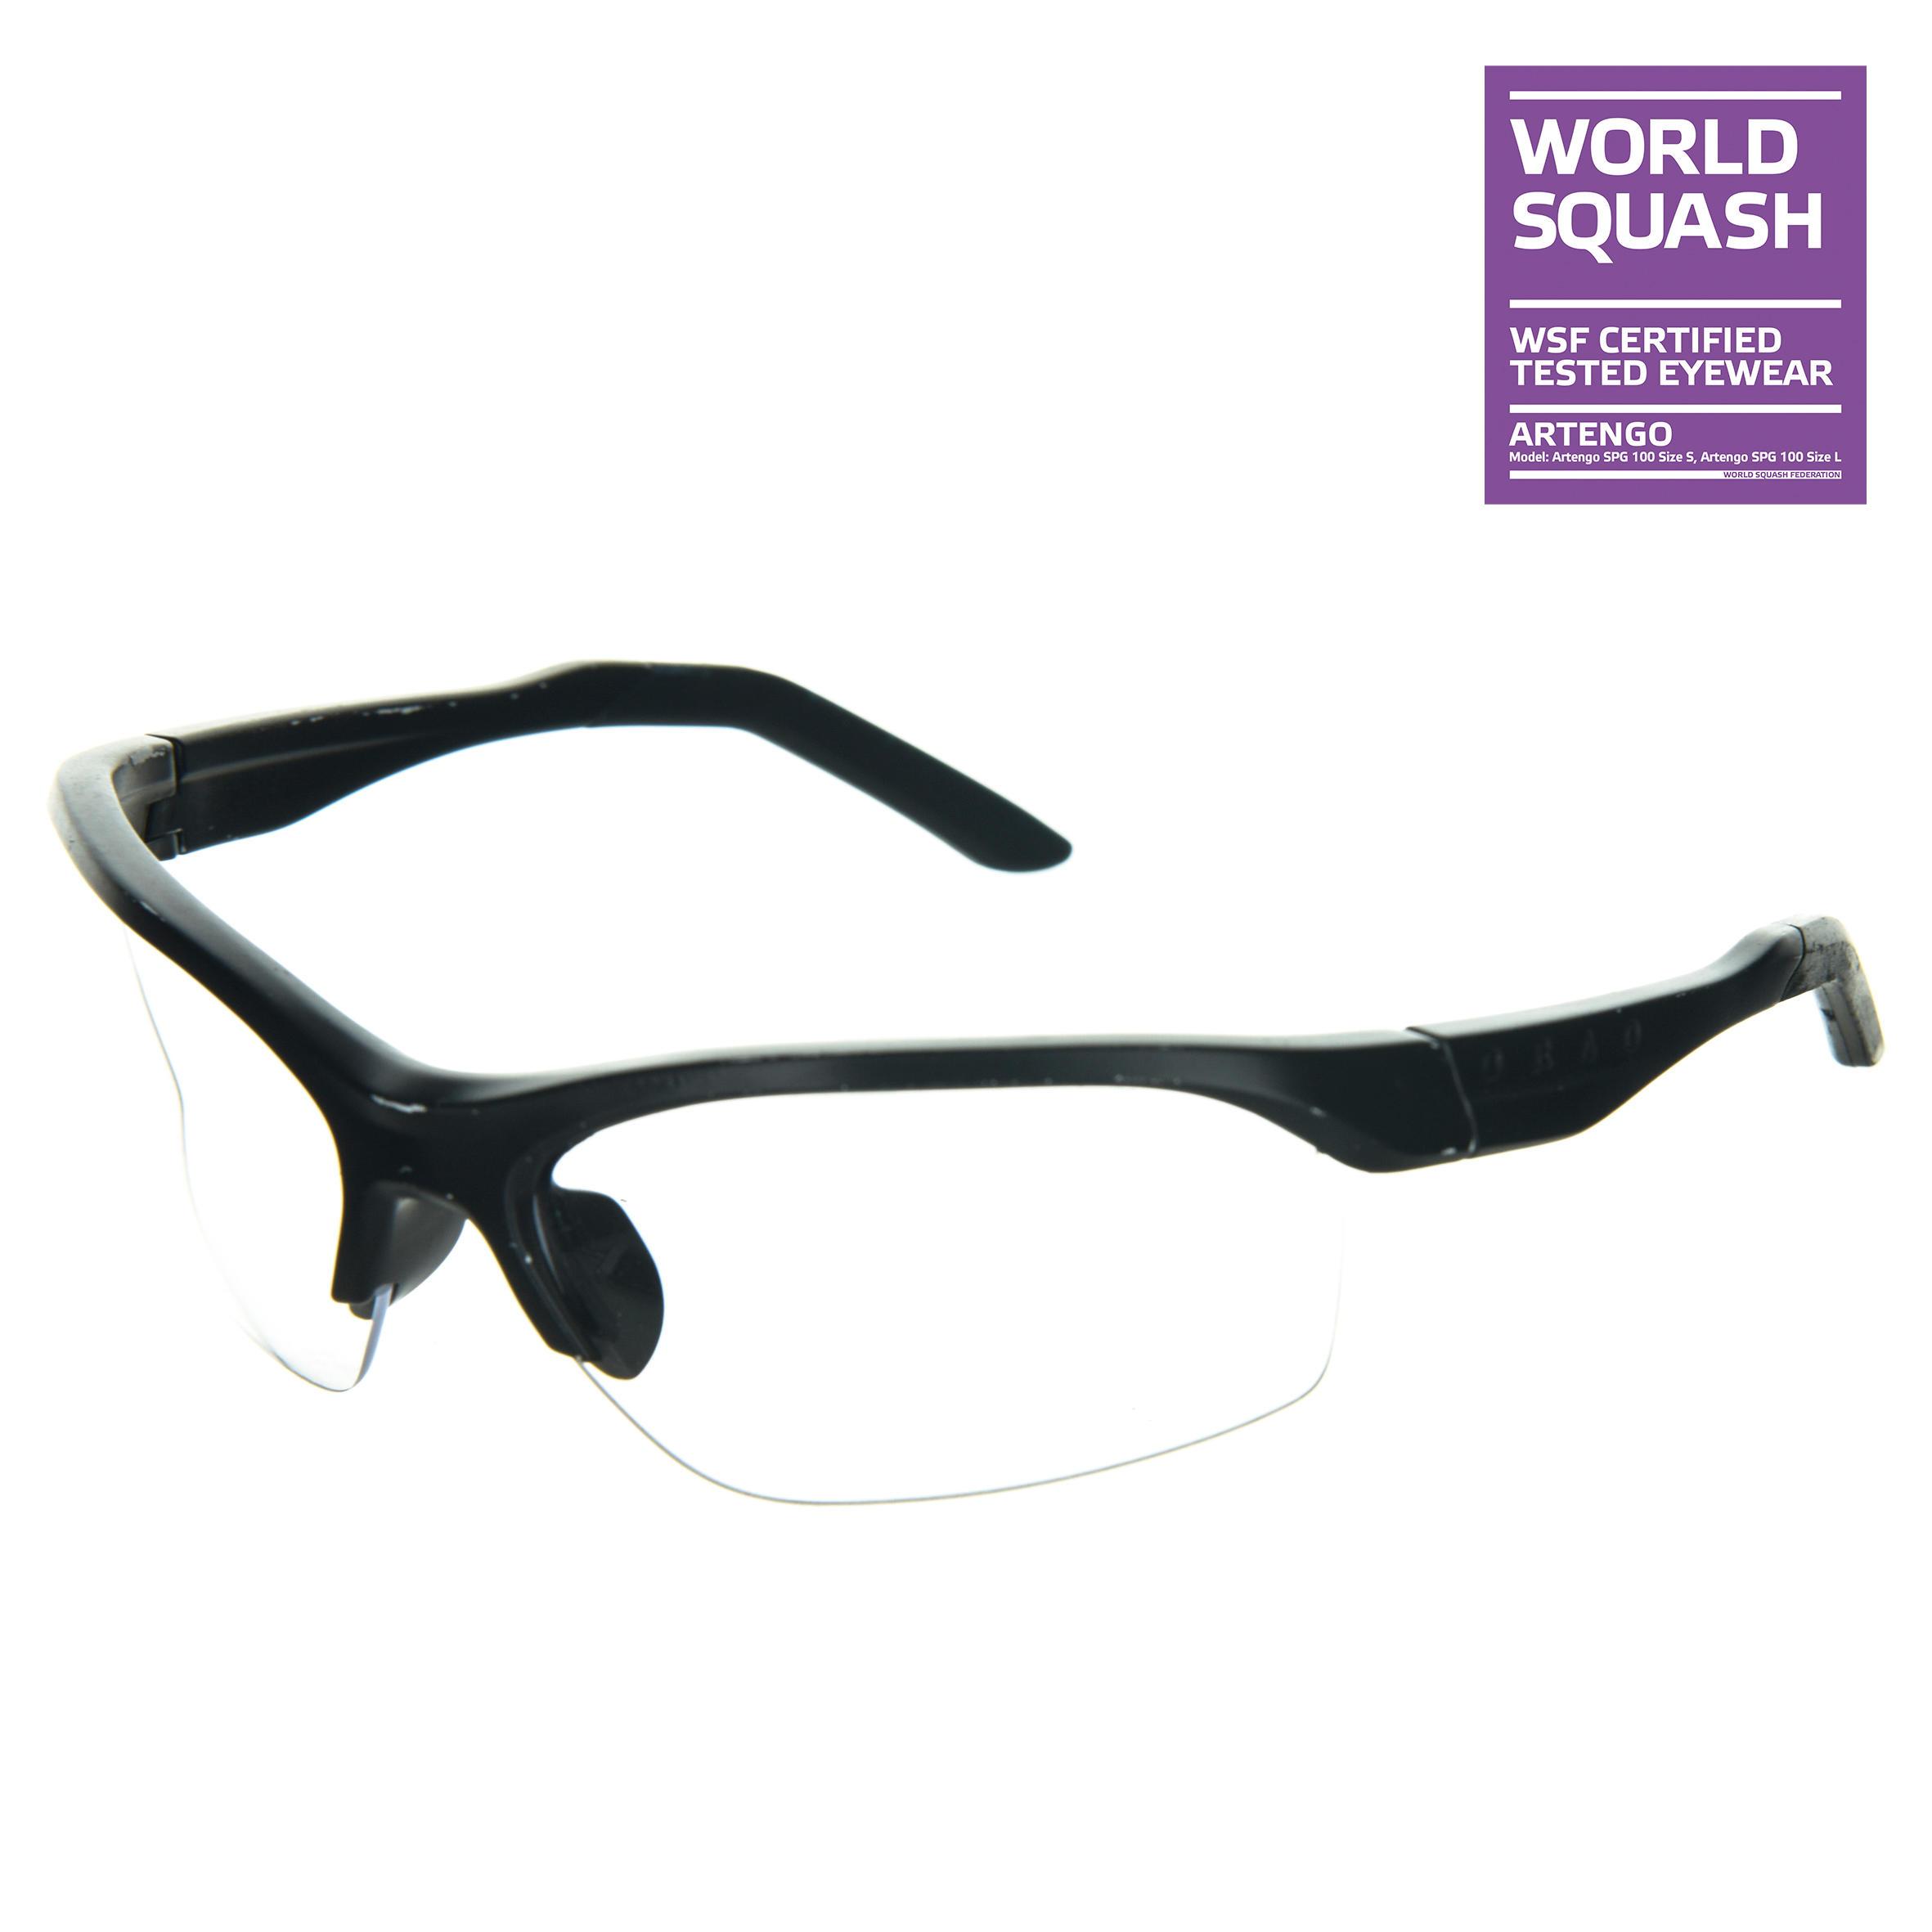 Ochelari Squash SPG 100 S imagine